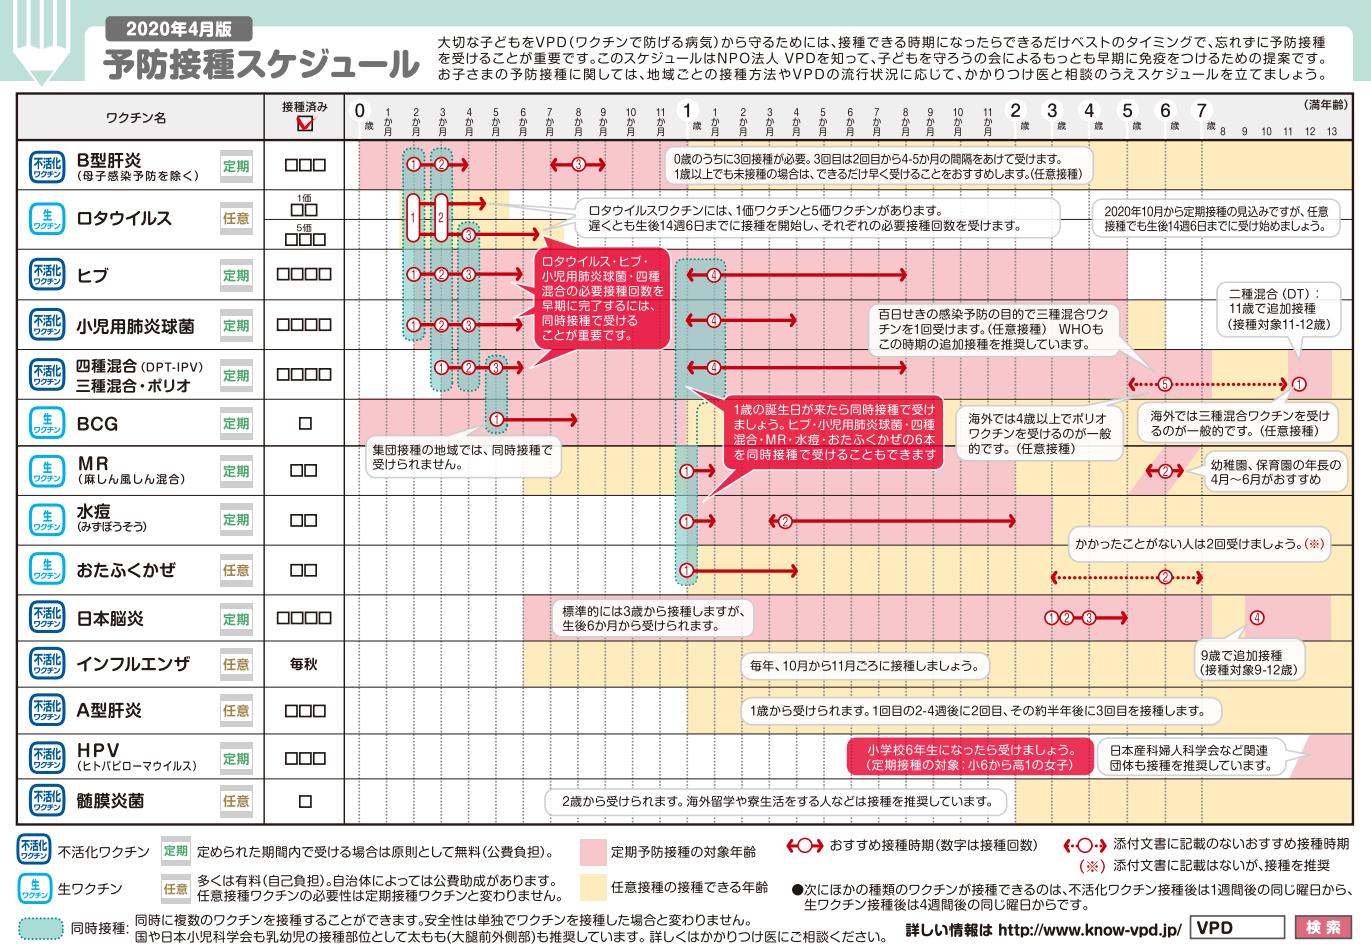 予防接種のスケジュール